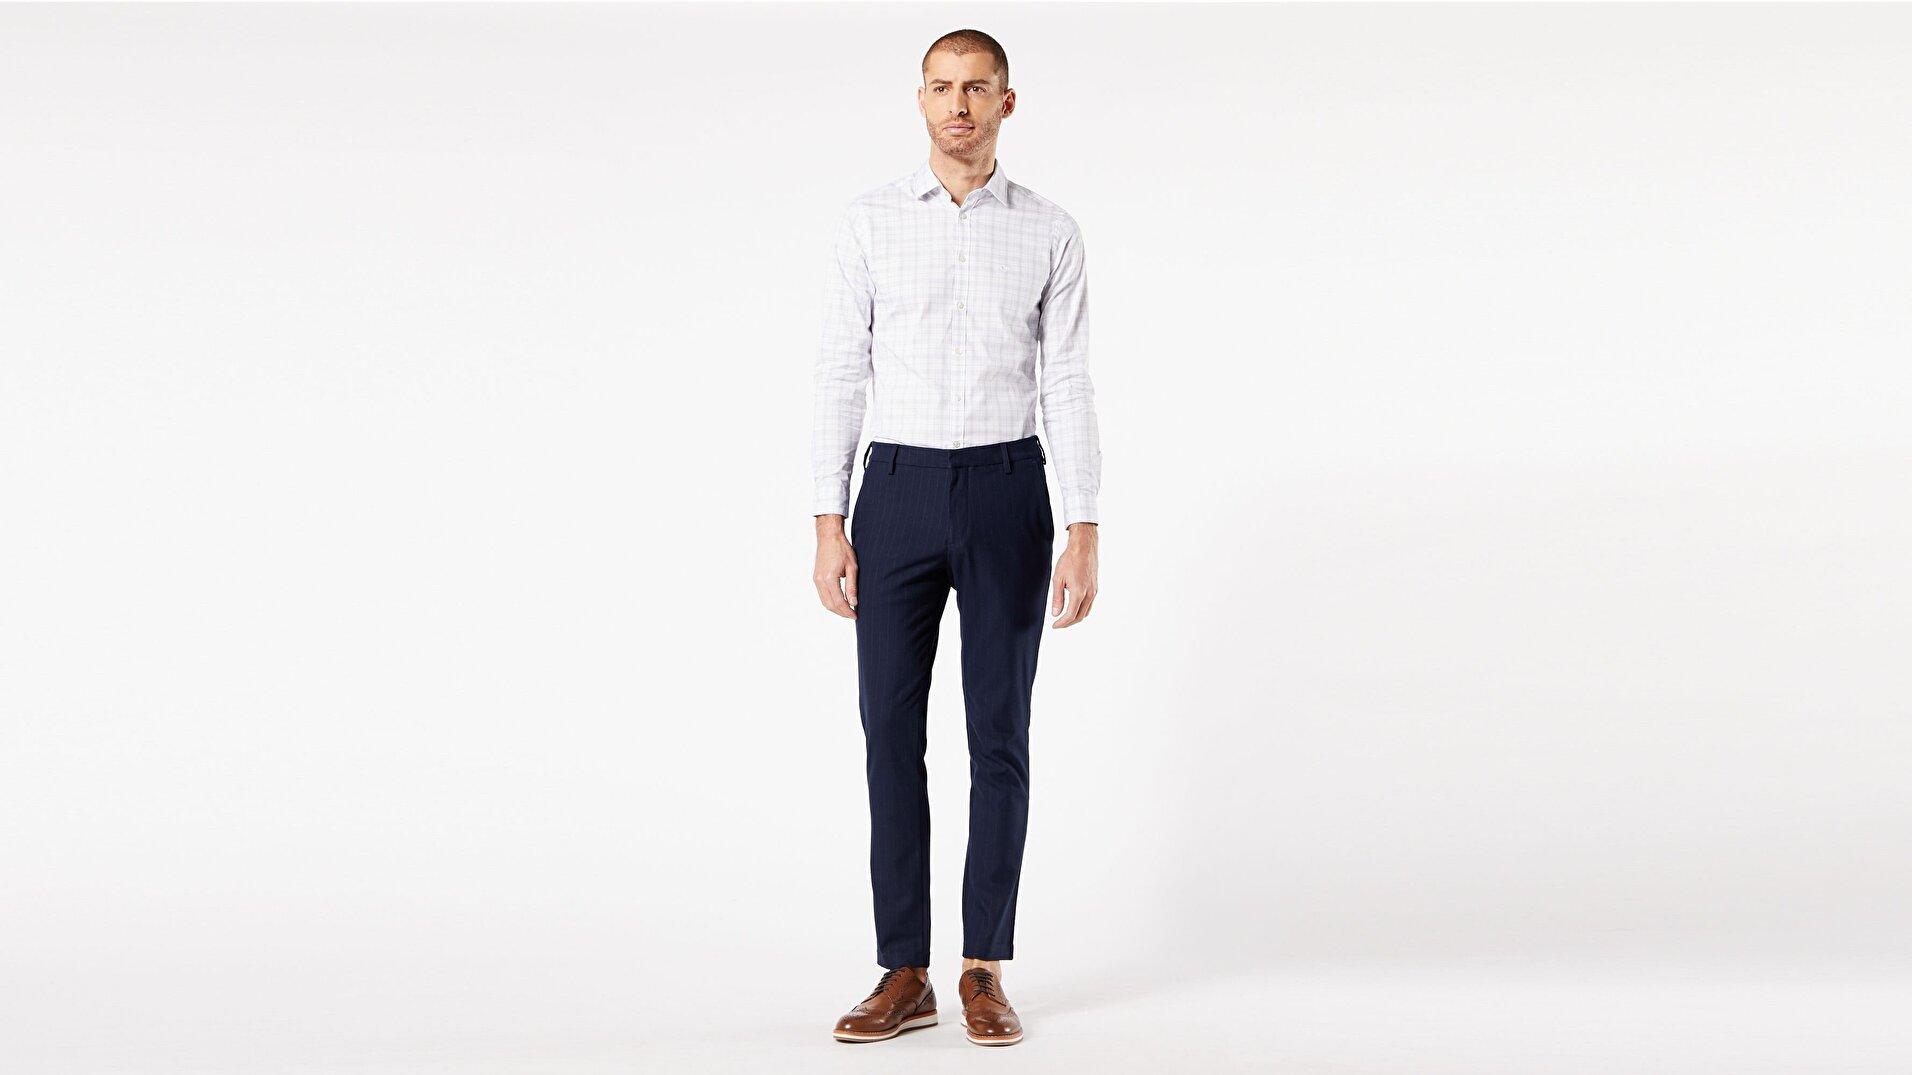 Ace Tech Pantolon, Slim Fit